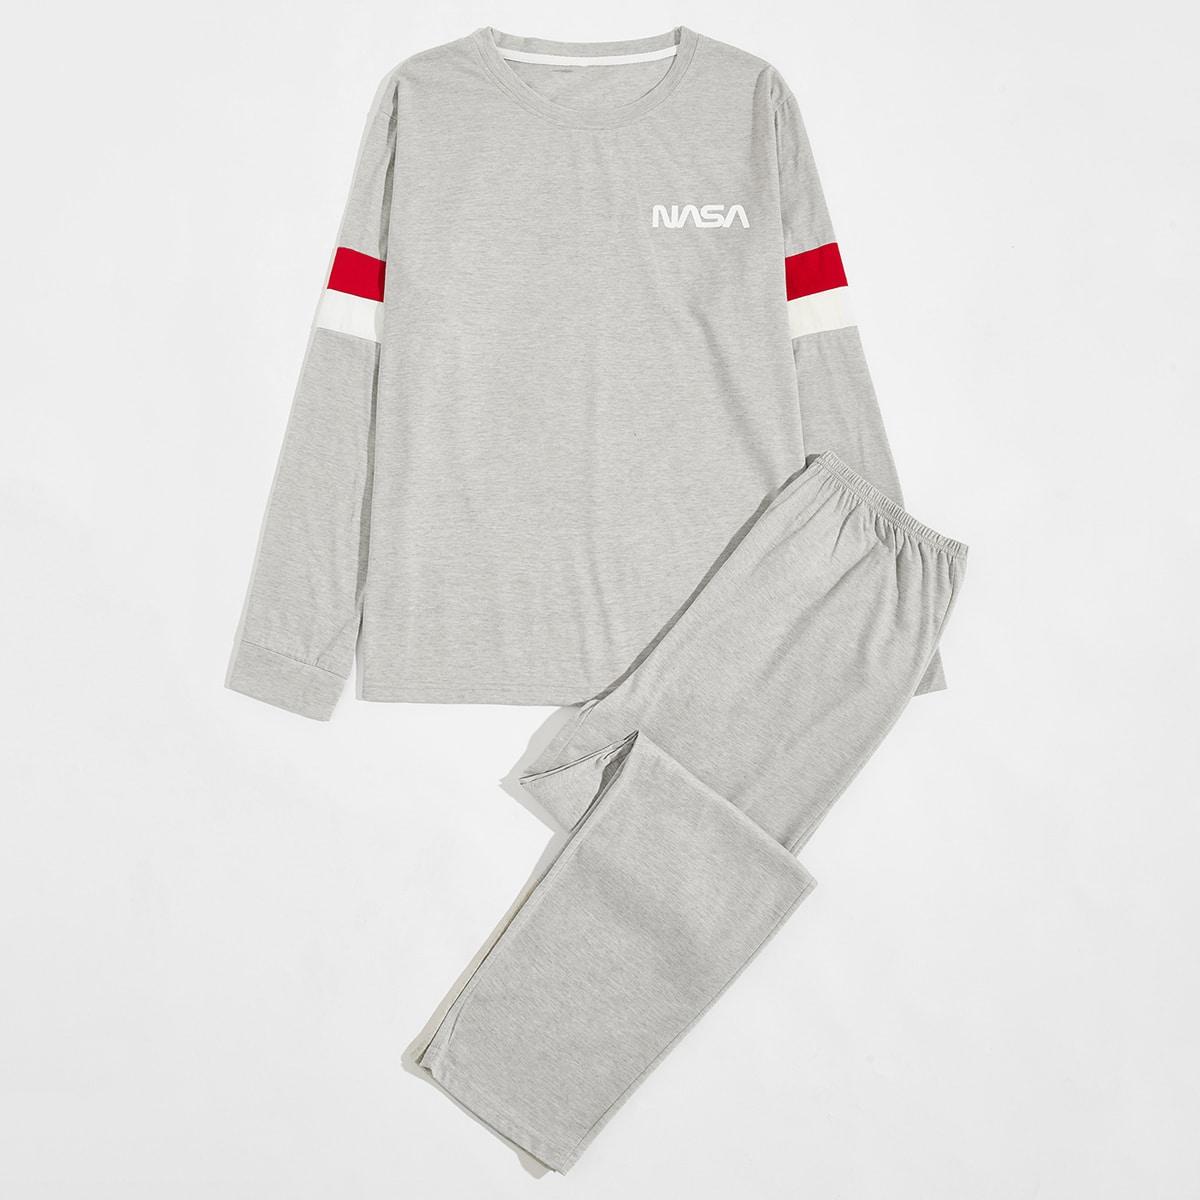 Conjunto de pijama con estampado de letra panel en contraste